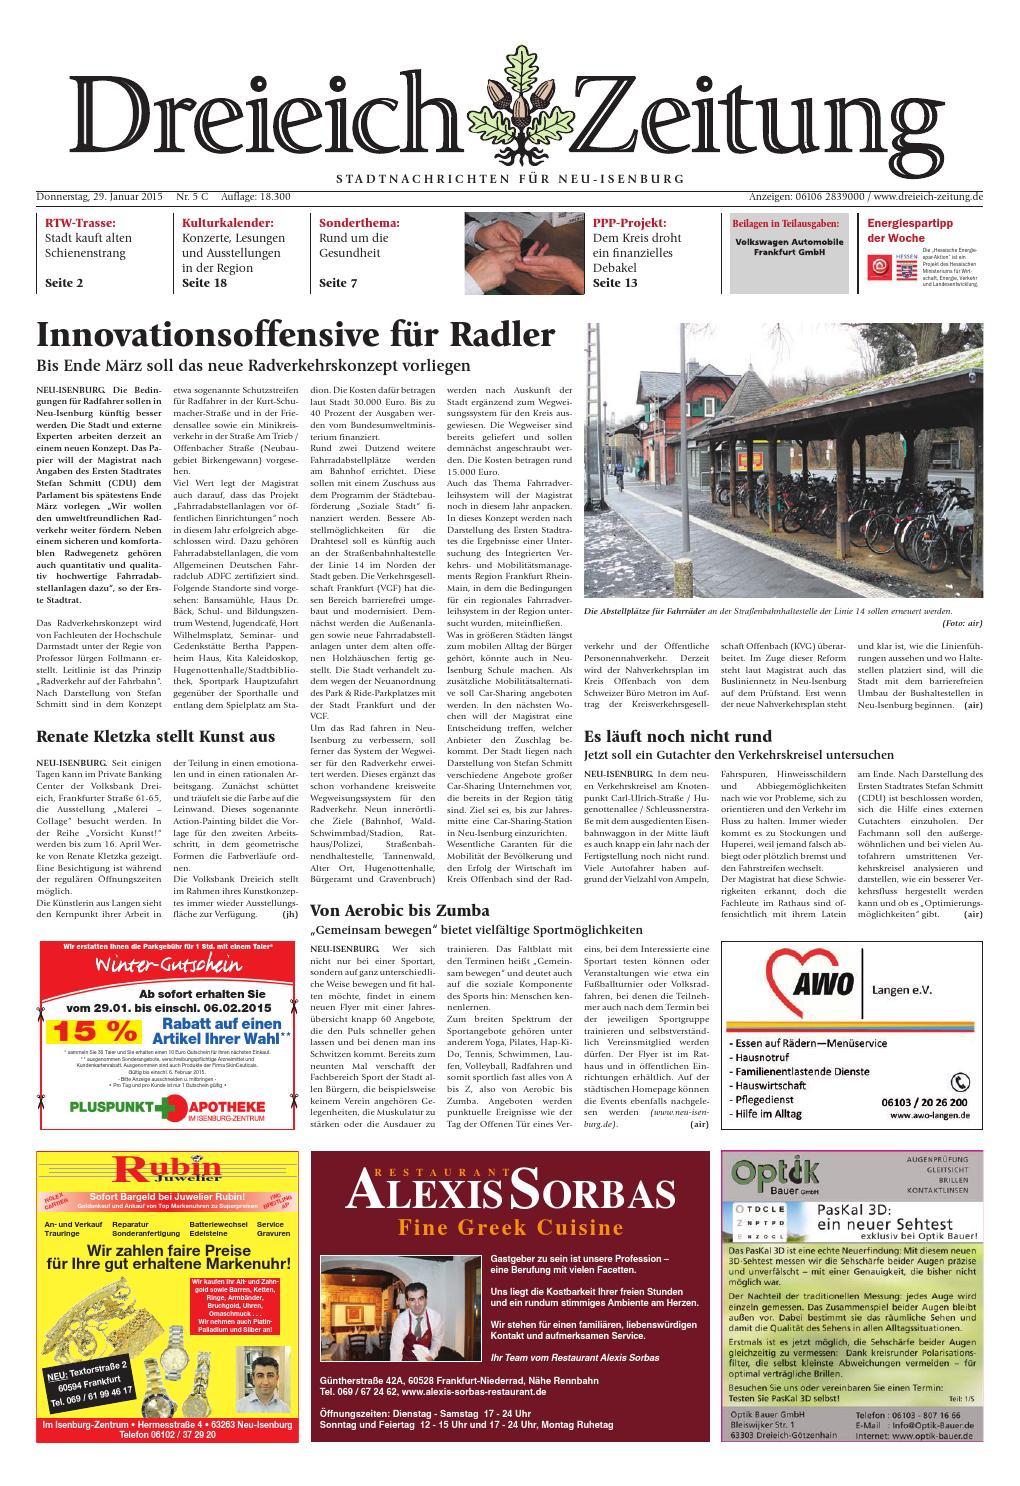 nuetzliche tipps fuer ihre anstehende kuechenrenovierung, dz online 005 15 c by dreieich-zeitung/offenbach-journal - issuu, Innenarchitektur